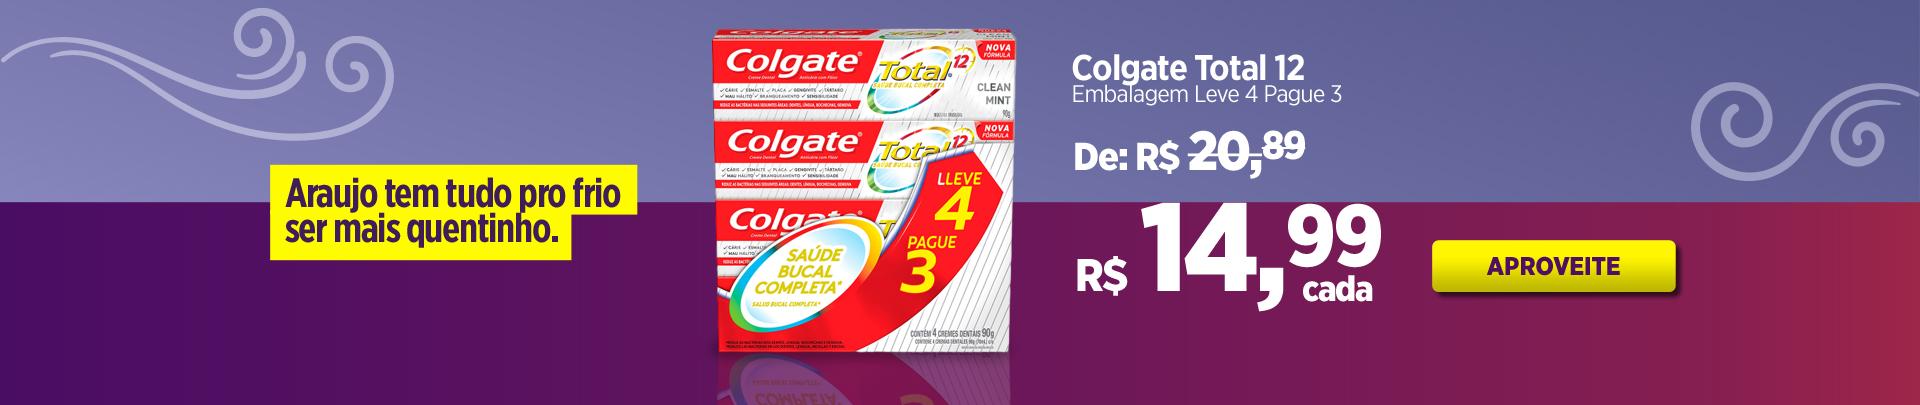 Colgate_total12